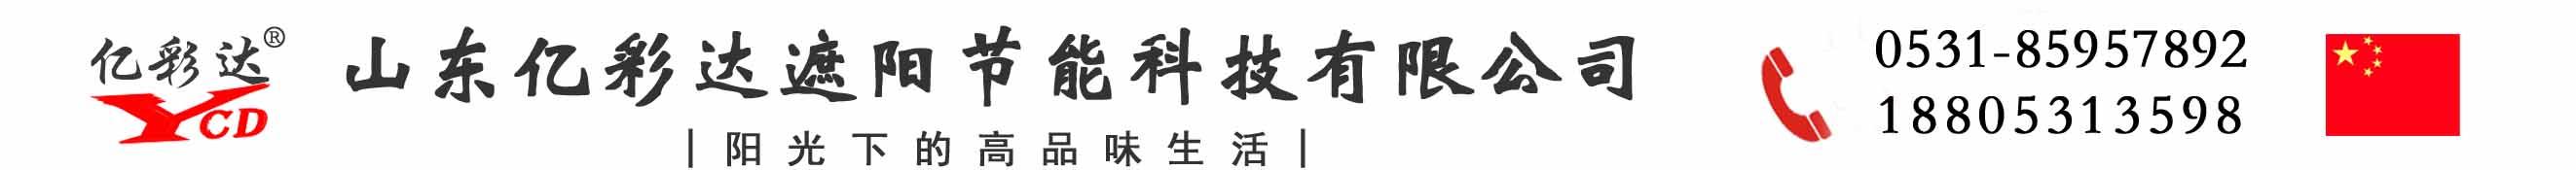 山东亿彩达遮阳节能科技有限公司